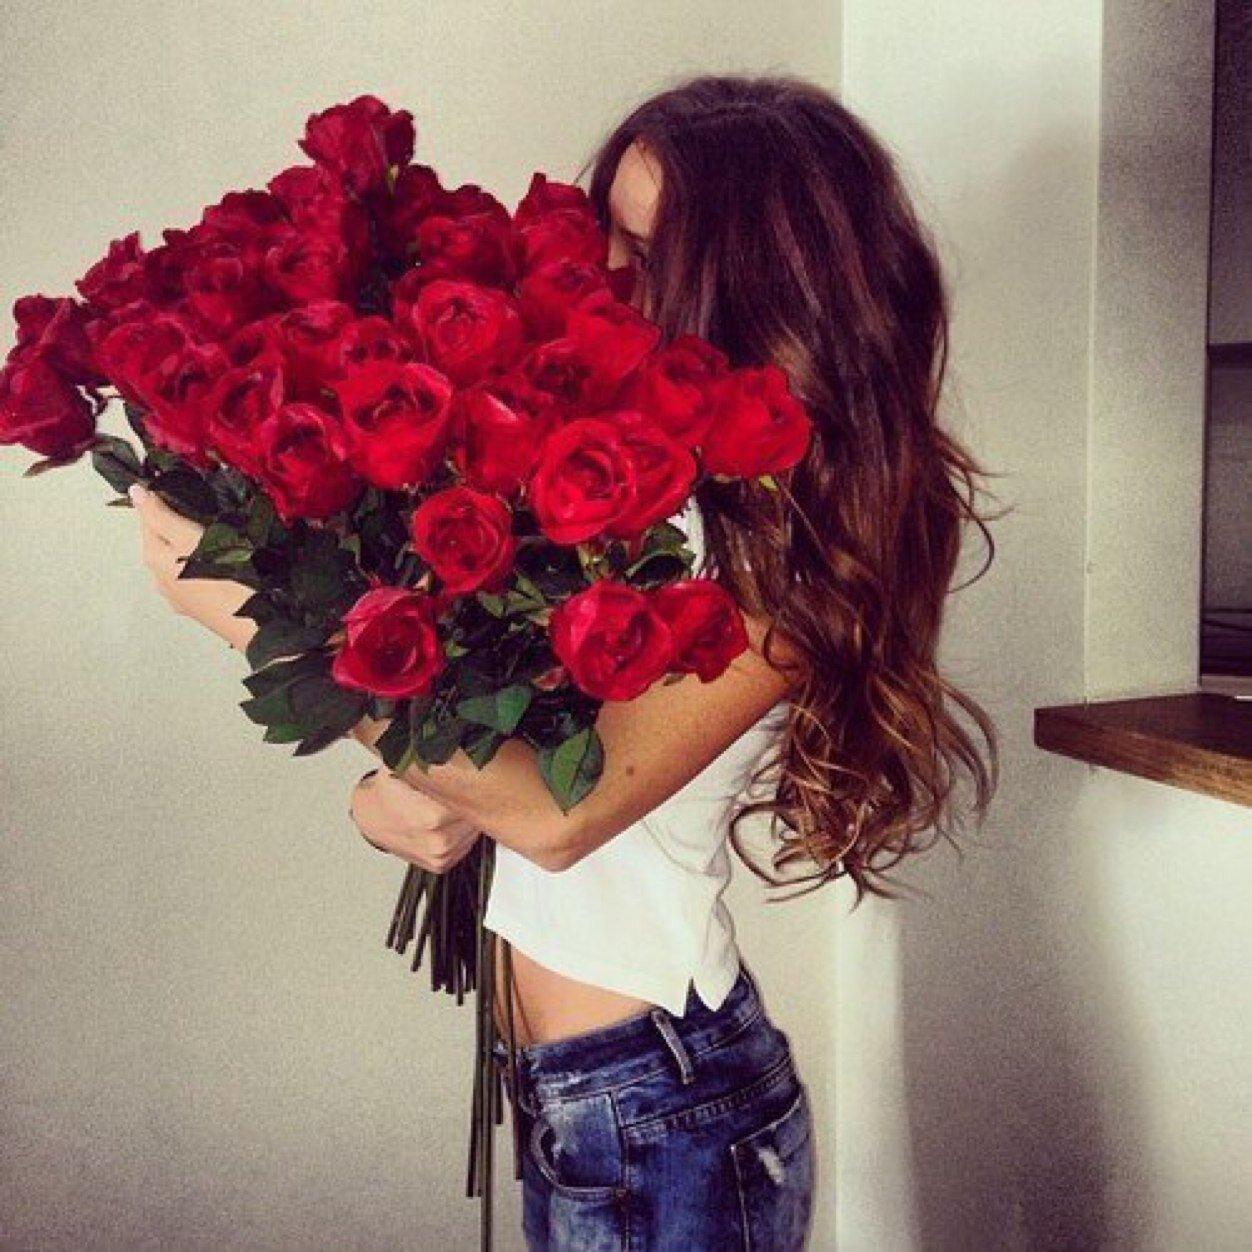 Картинки вид сзади девушки с розами